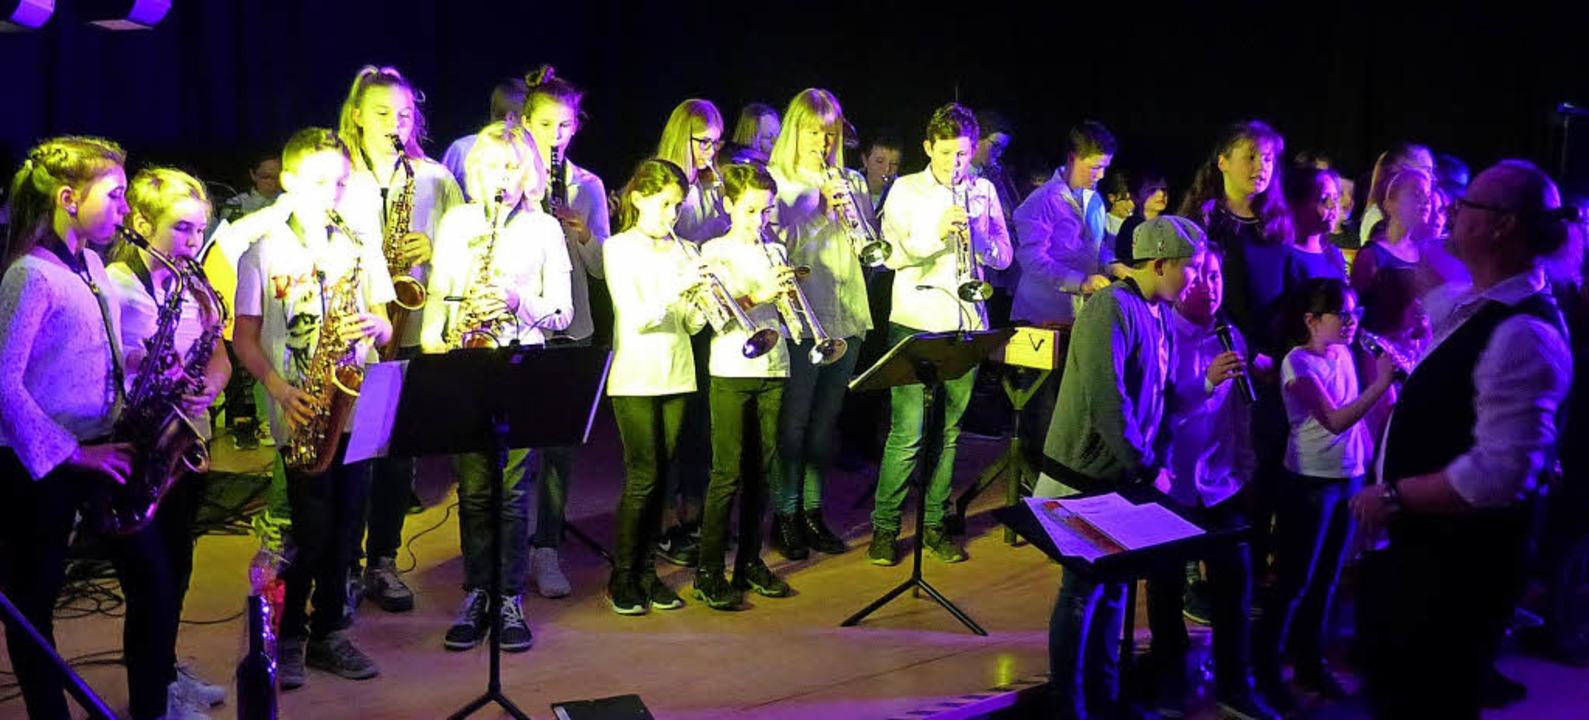 Zum Abschluss musizierten alle jungen Künstler  gemeinsam auf der Bühne.    Foto: Susanne Bremer